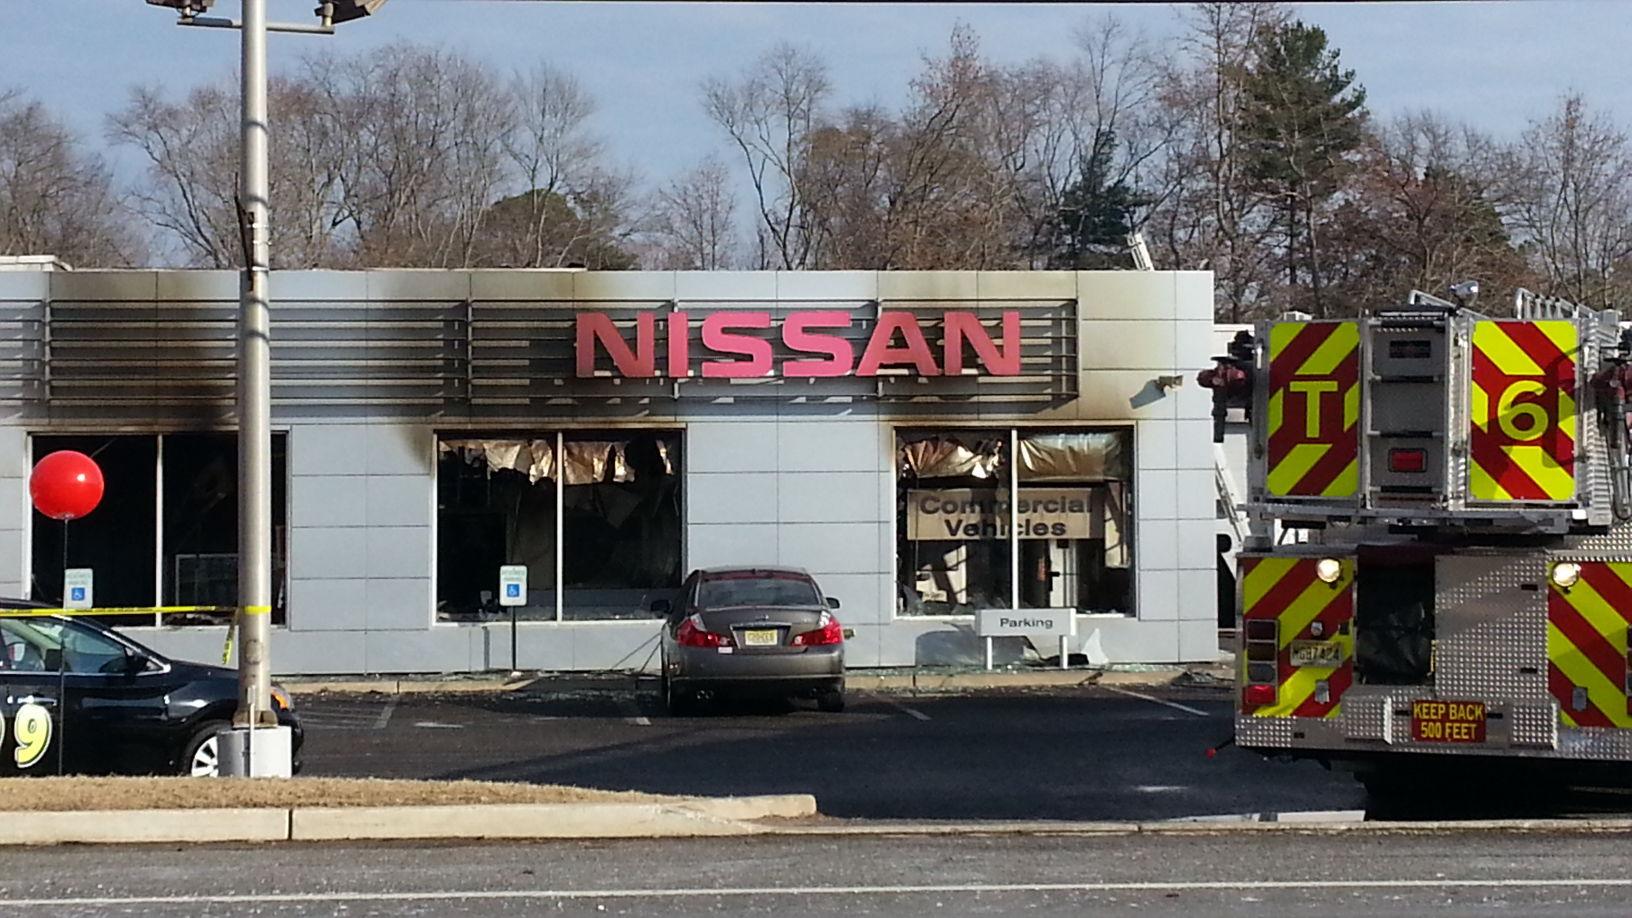 Vineland Team Nissan Fire